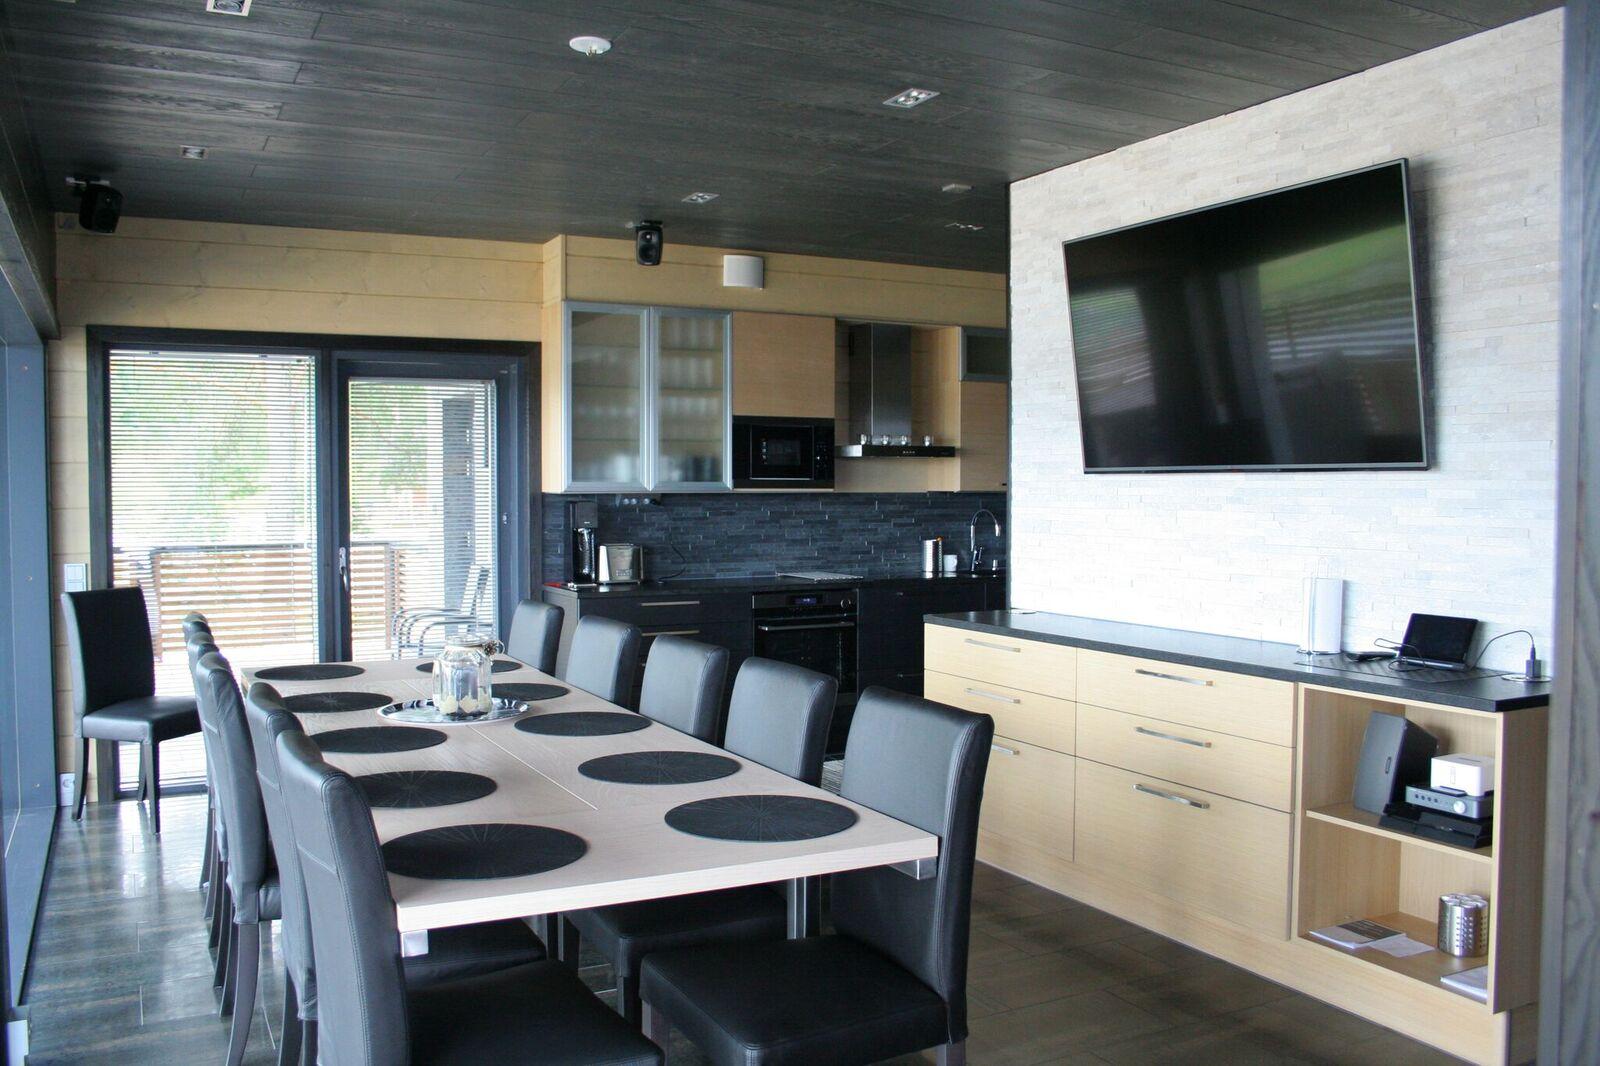 Ellivuoren Ranta Villan keittiö, jossa laadukas keittiö, kymmenen hengen iso ruokapöytä ja plasma-tv.